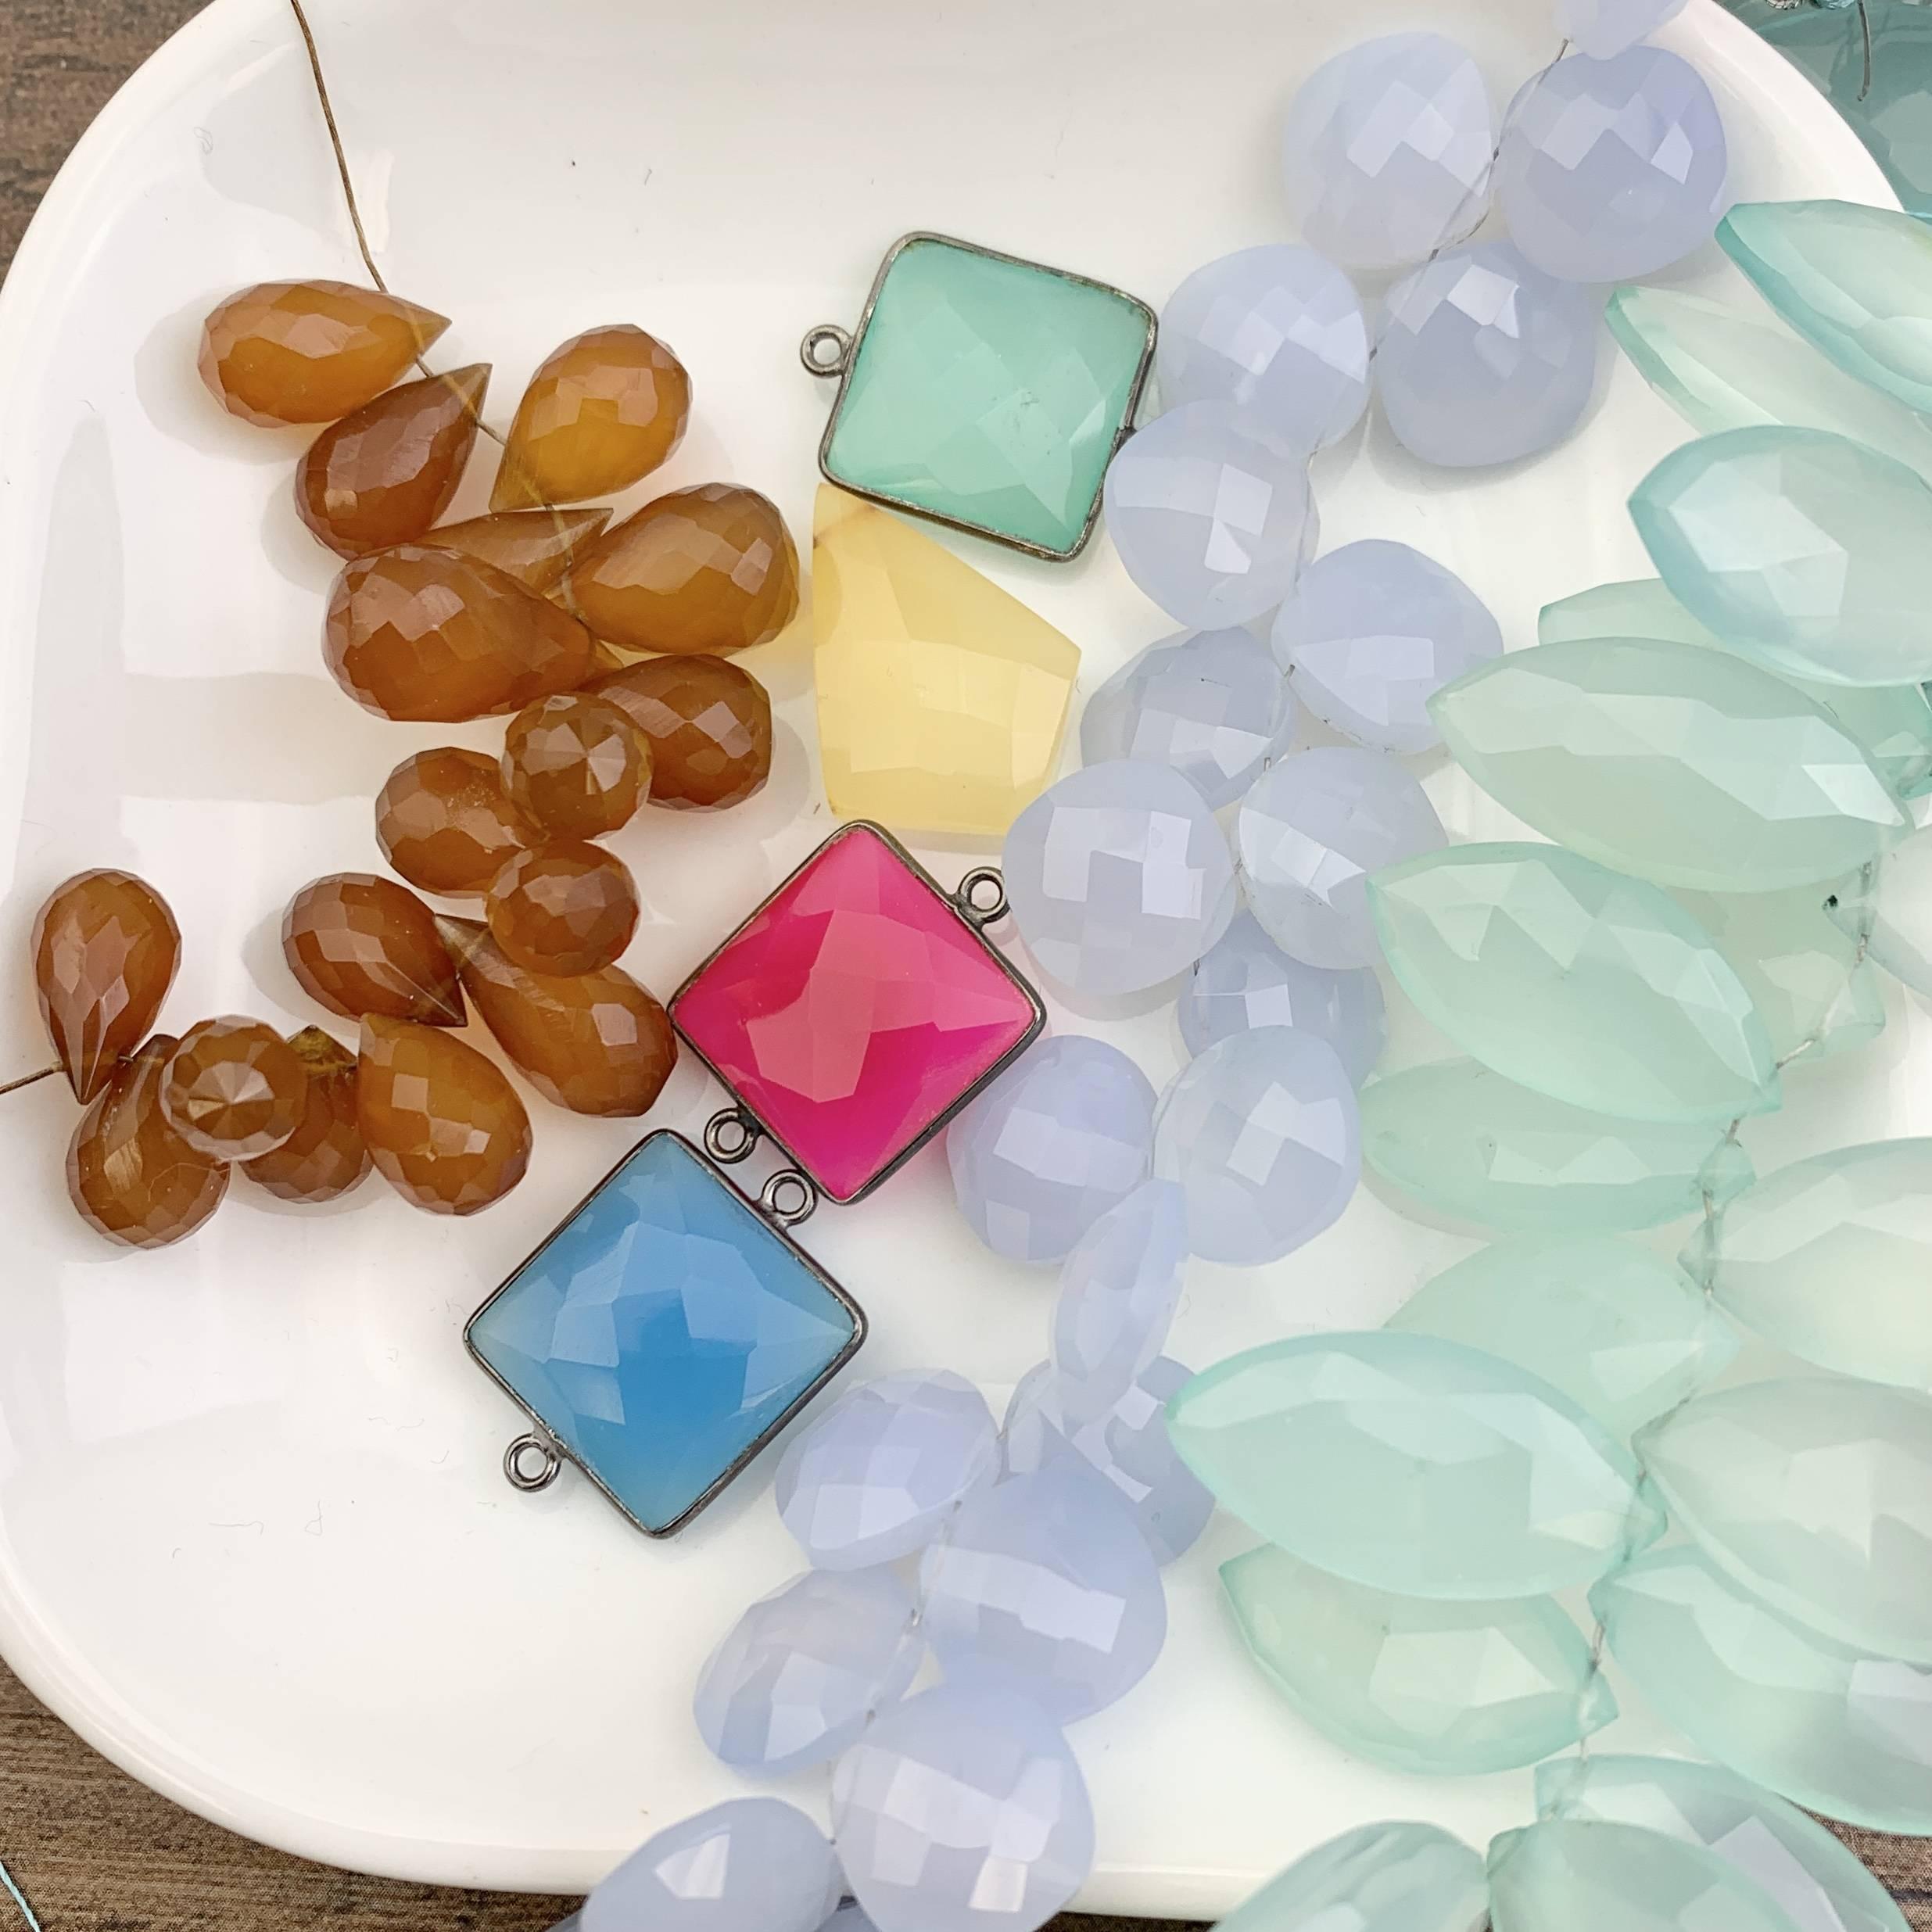 Chalcedony Stones